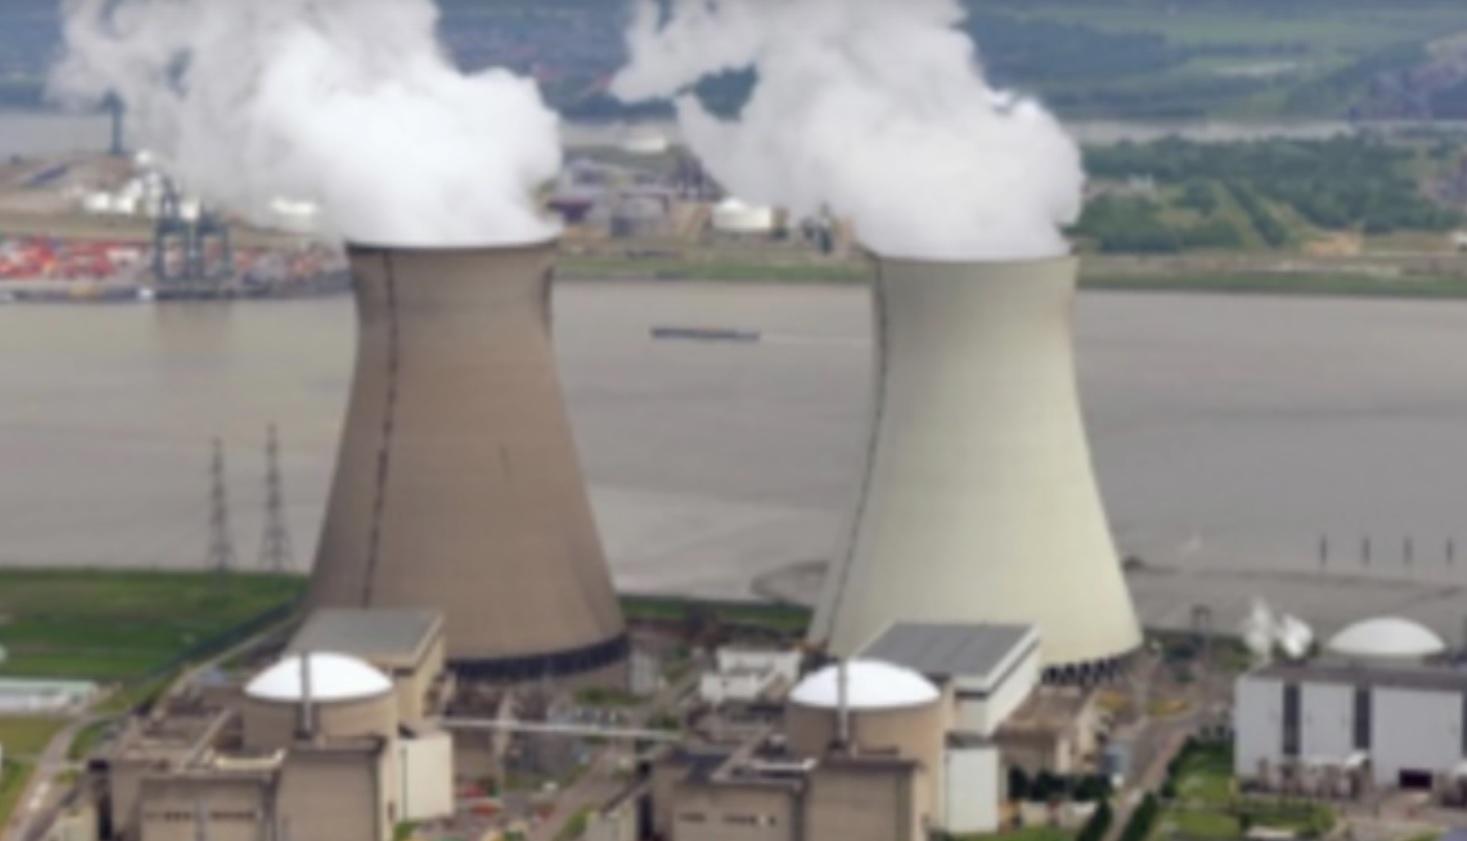 MEDIJI PIŠU: Jesu li džihadistički teroristi htjeli napasti nuklearku?